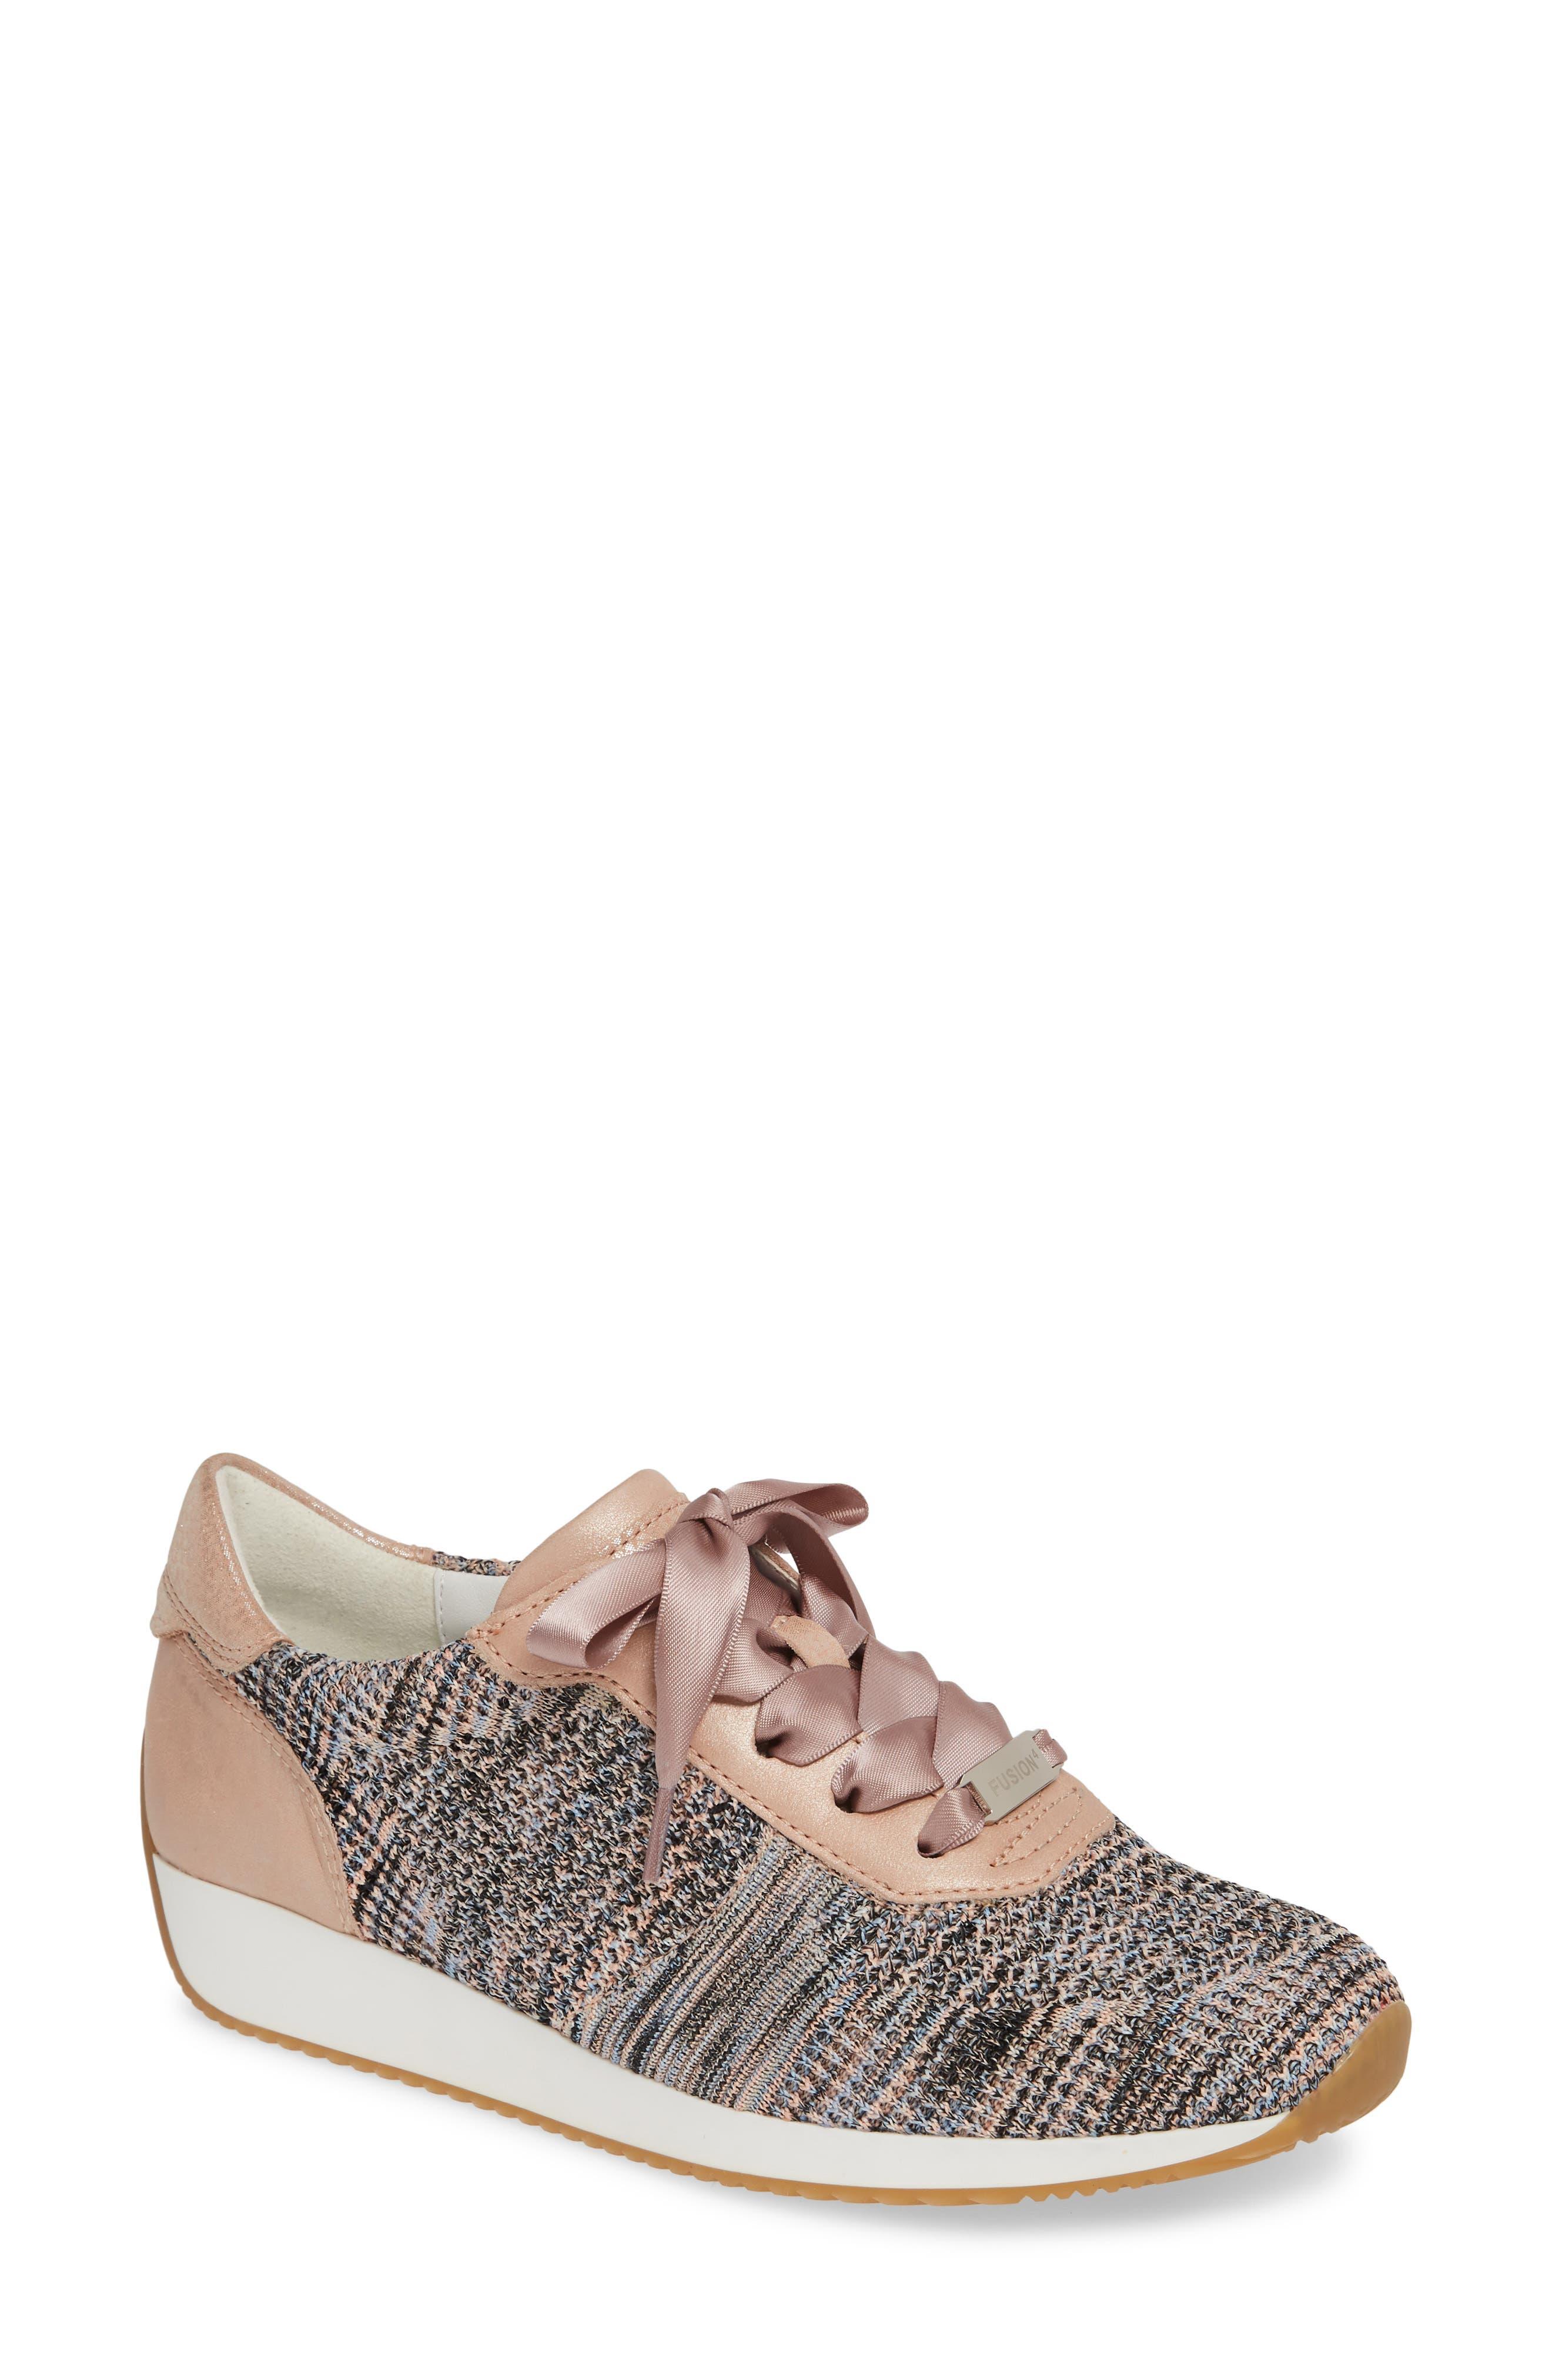 Ara Lilly Sneaker, Beige